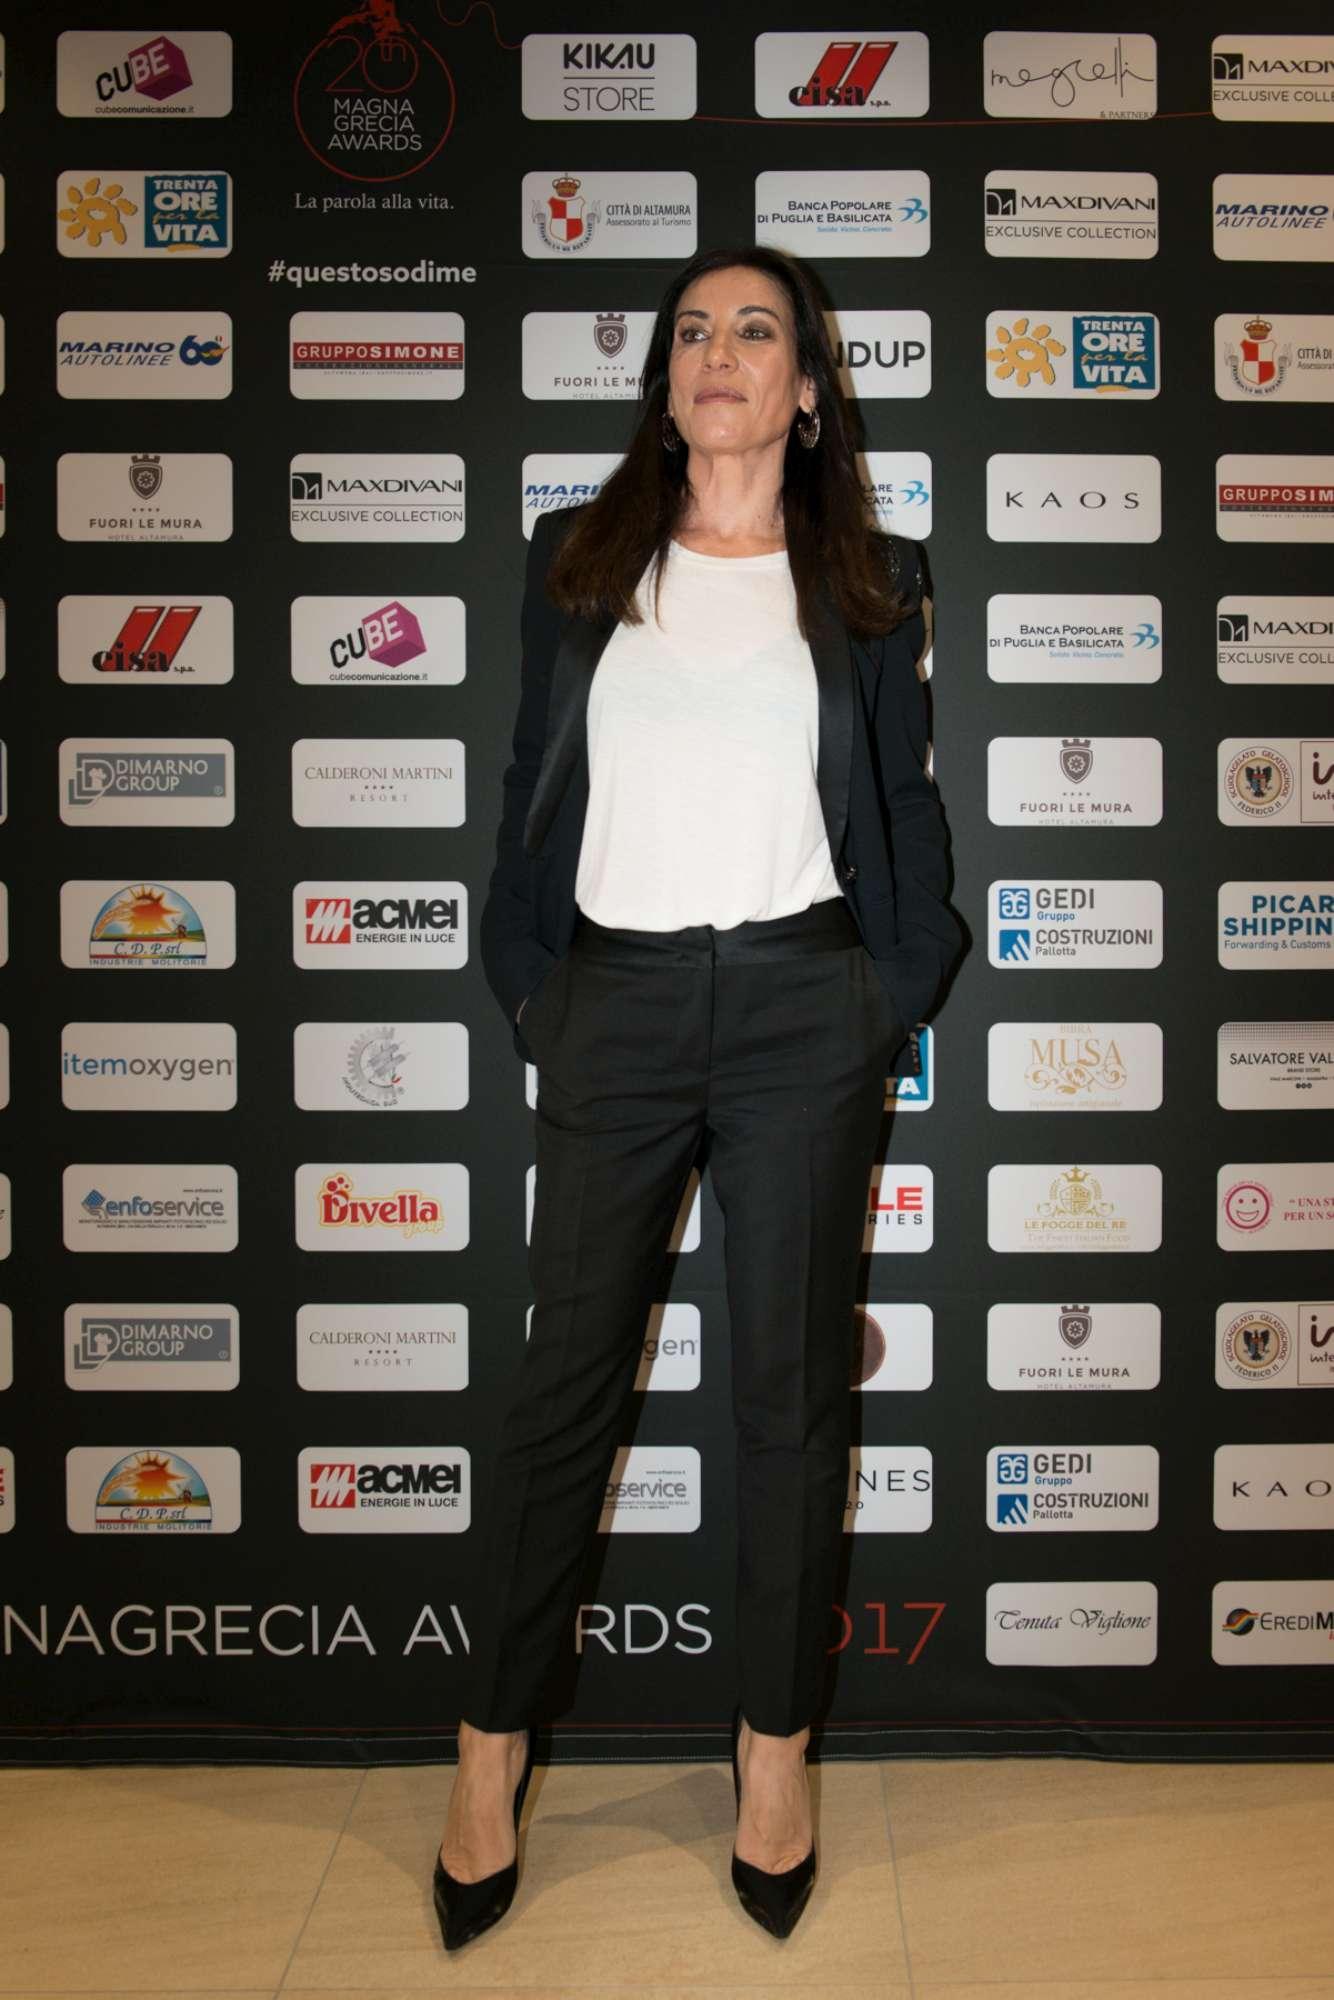 Magna Grecia Awards, tutti i premiati